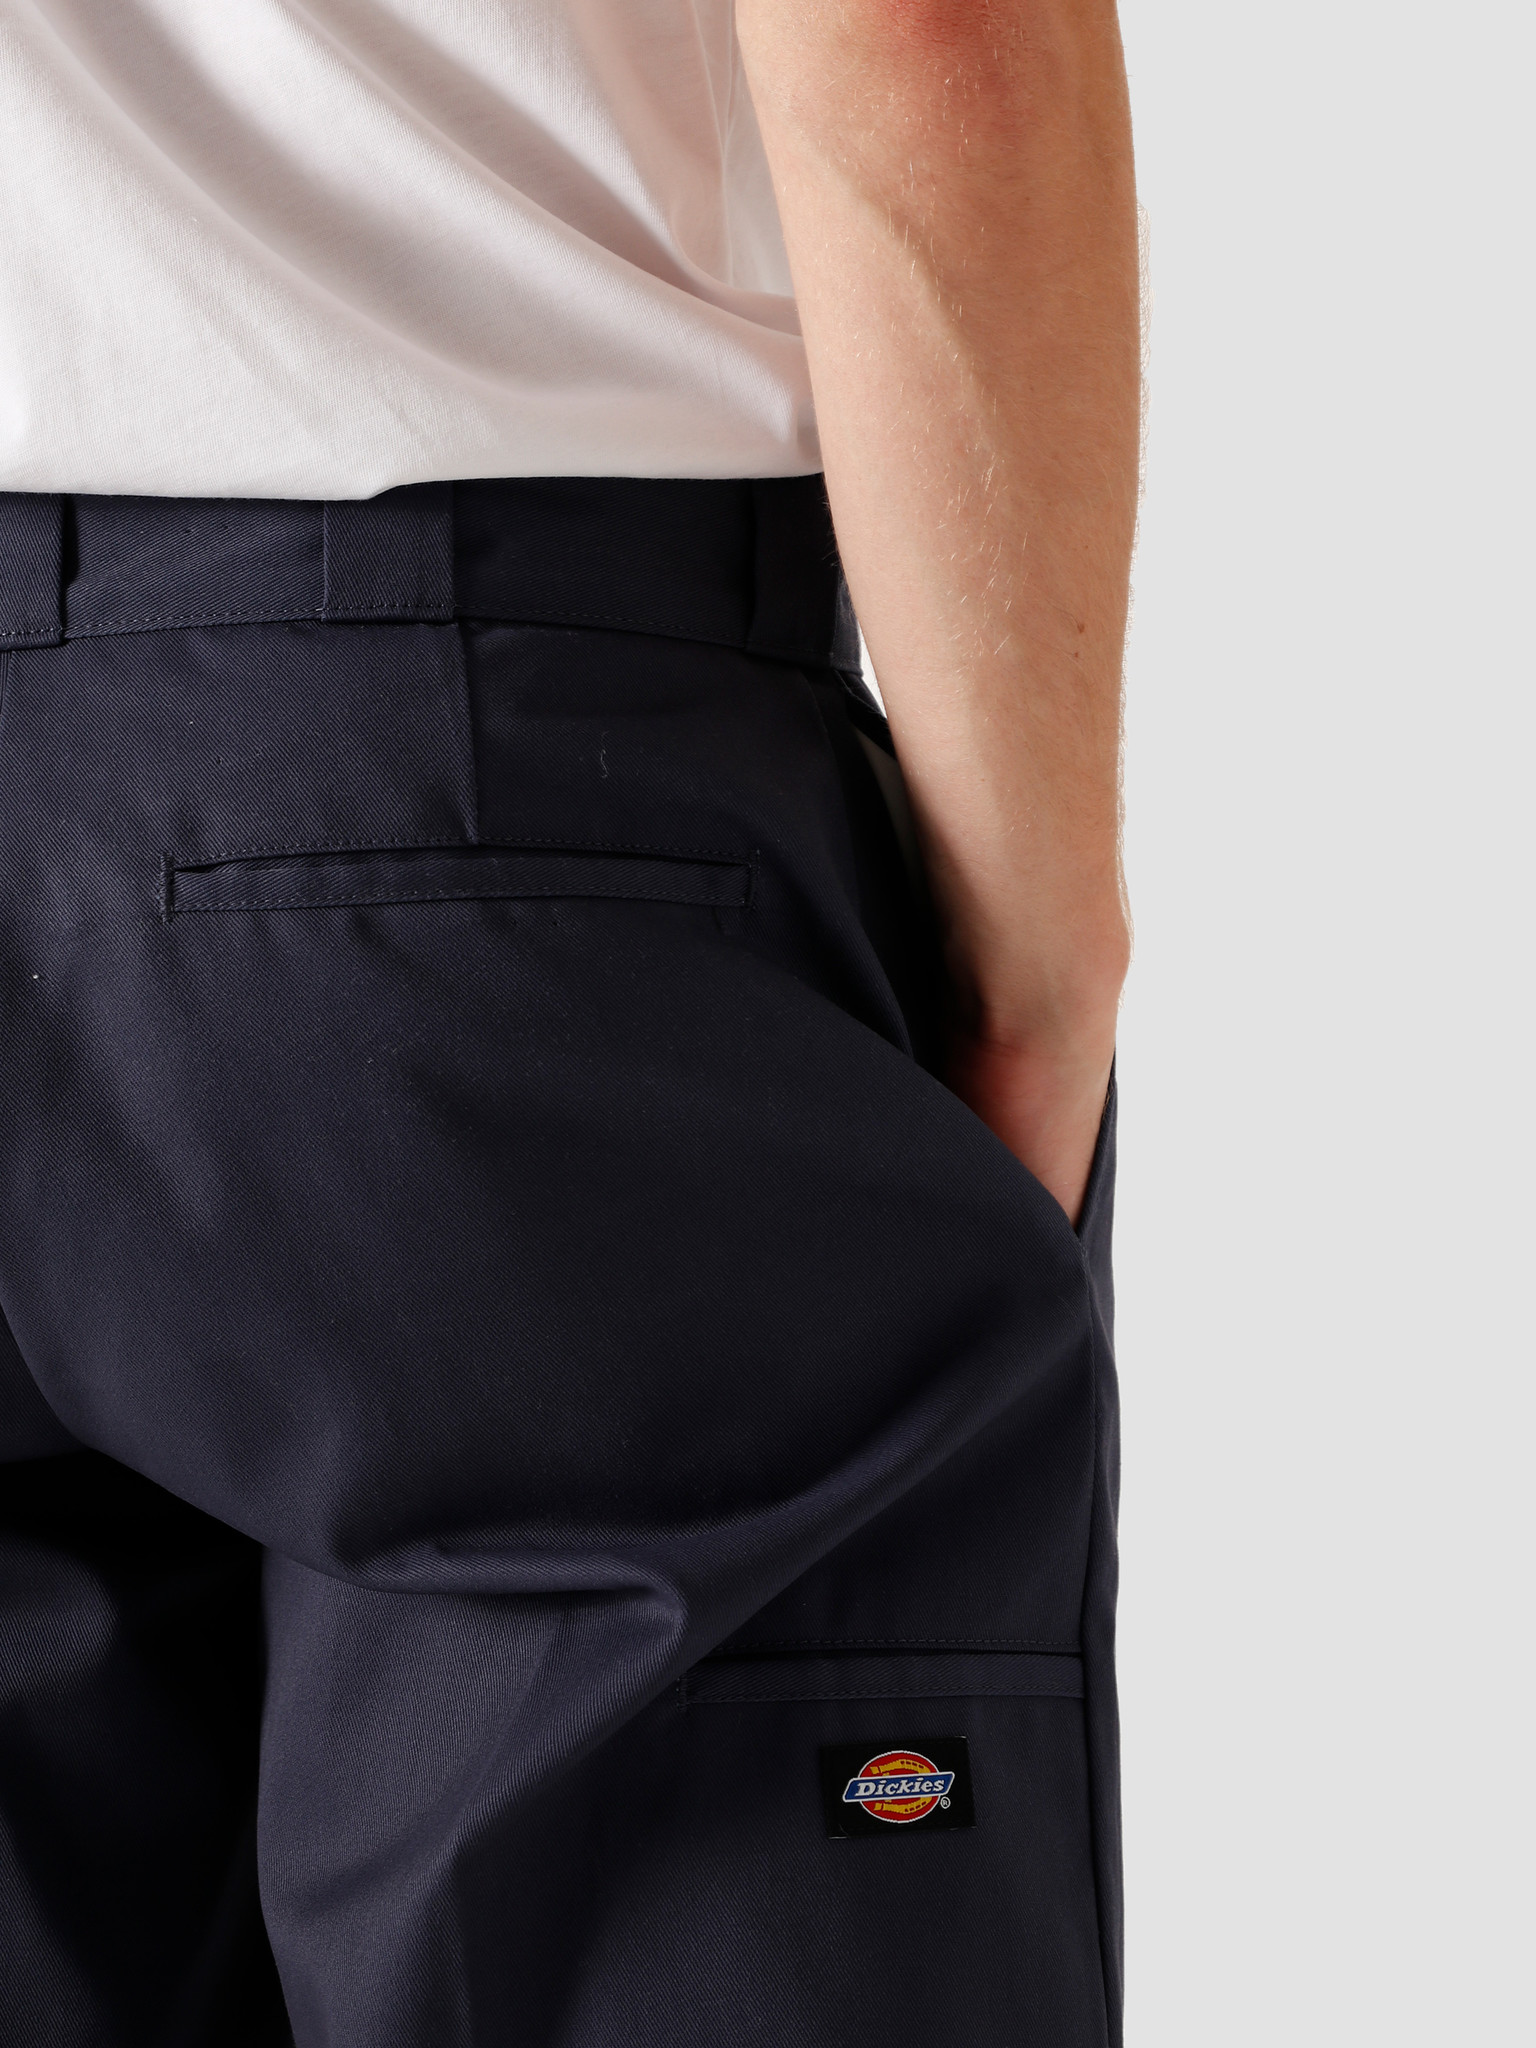 Dickies Dickies Double Knee Work Pant Navy Blue DK85283XNV01